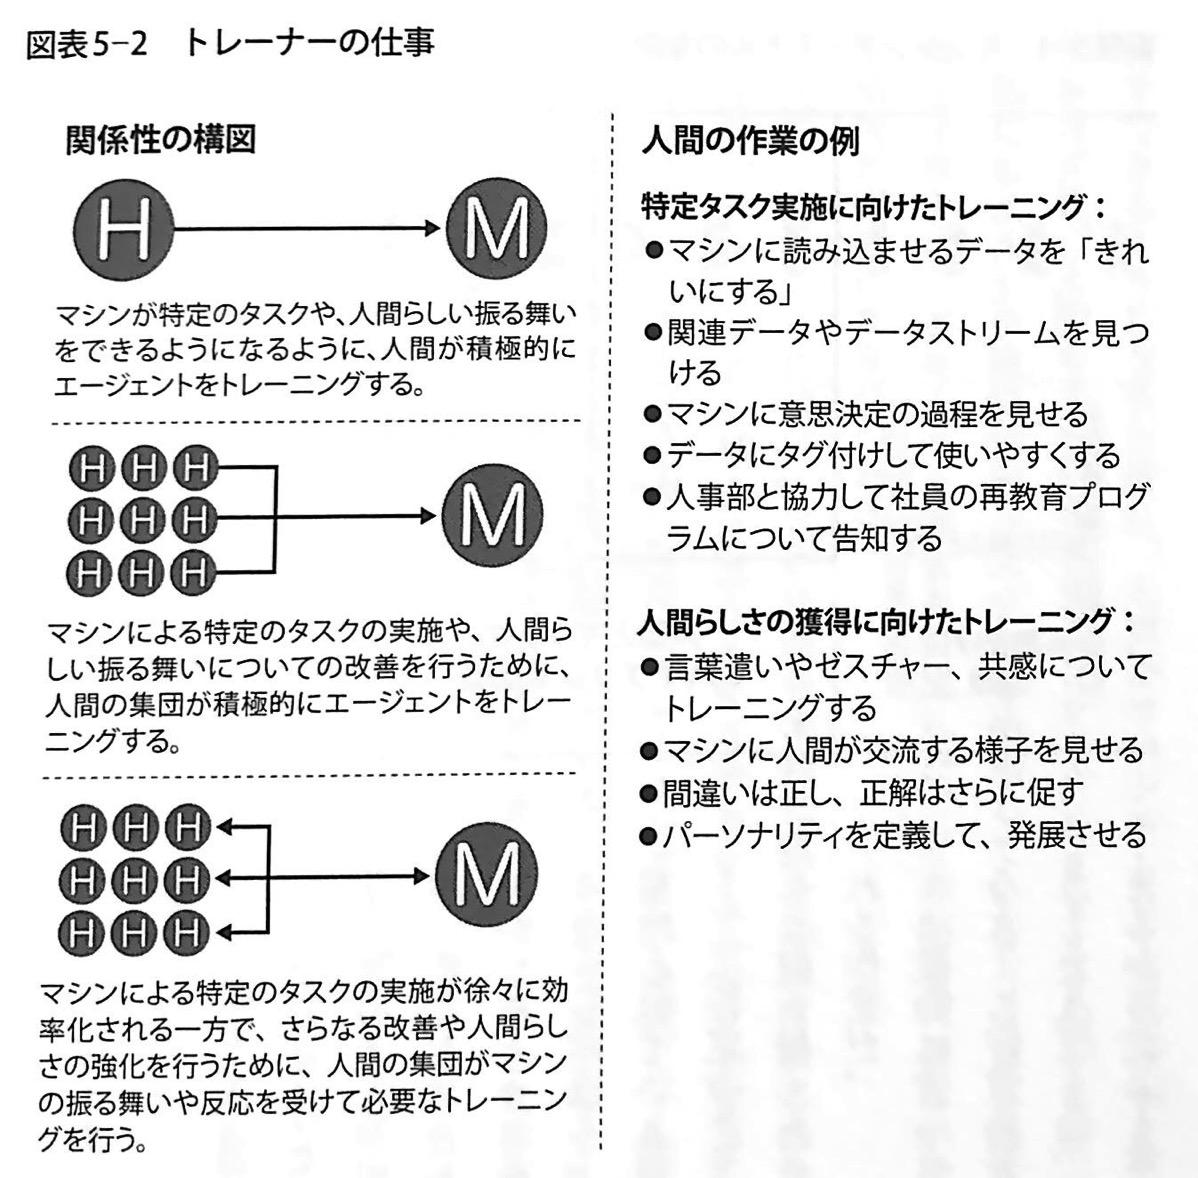 図表5−2 トレーナーの仕事 人間+マシン 第5章